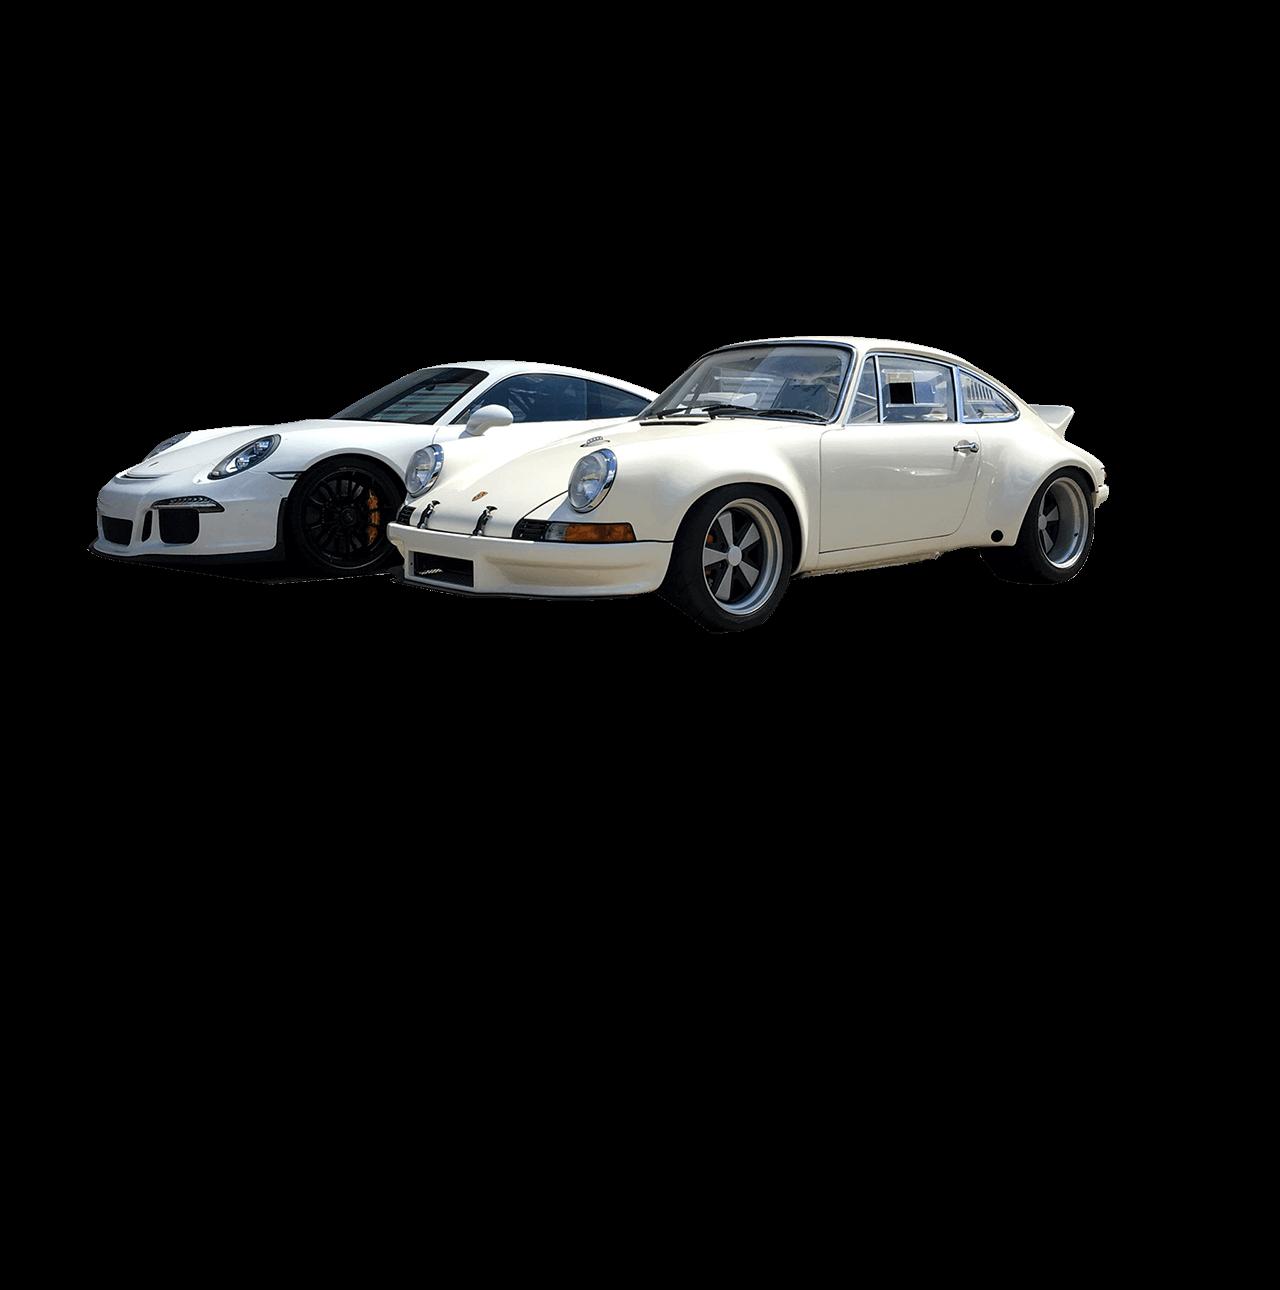 To Porsche modeller